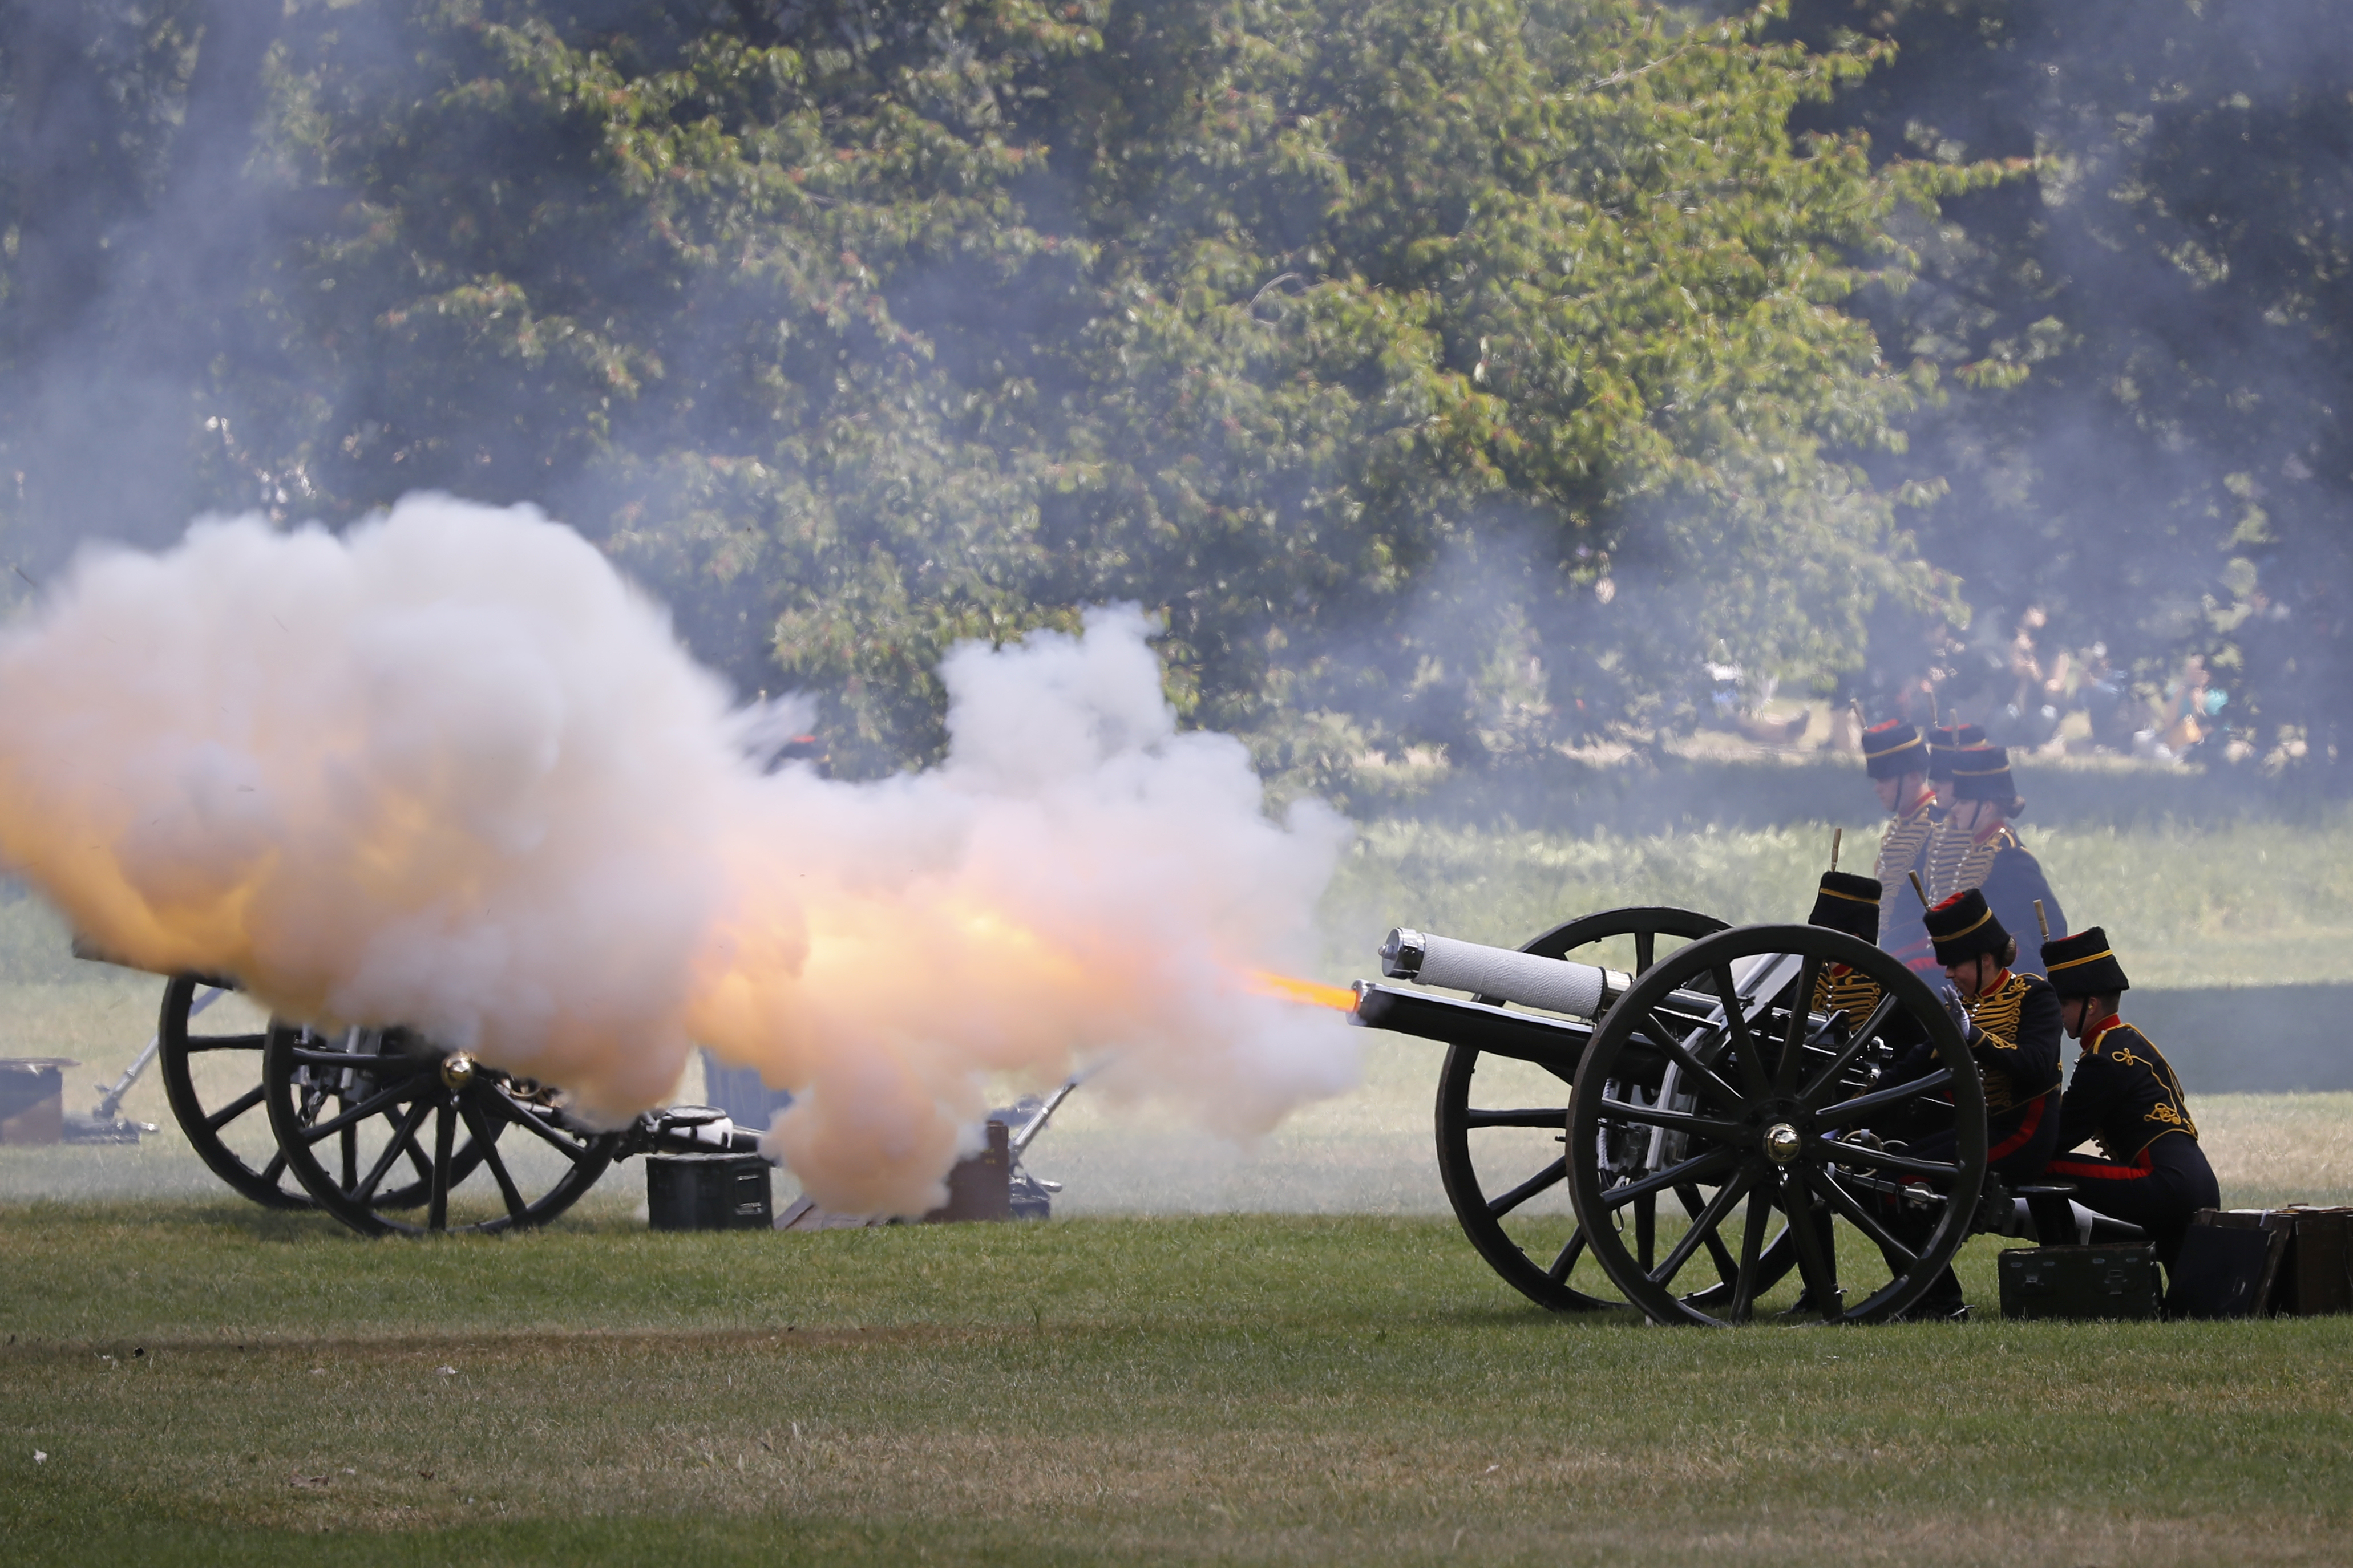 أطلق سلاح المدفعية الملكي البريطاني طلقات ترحيبية بالرئيس ترامب في غرين بارك وسط لندن